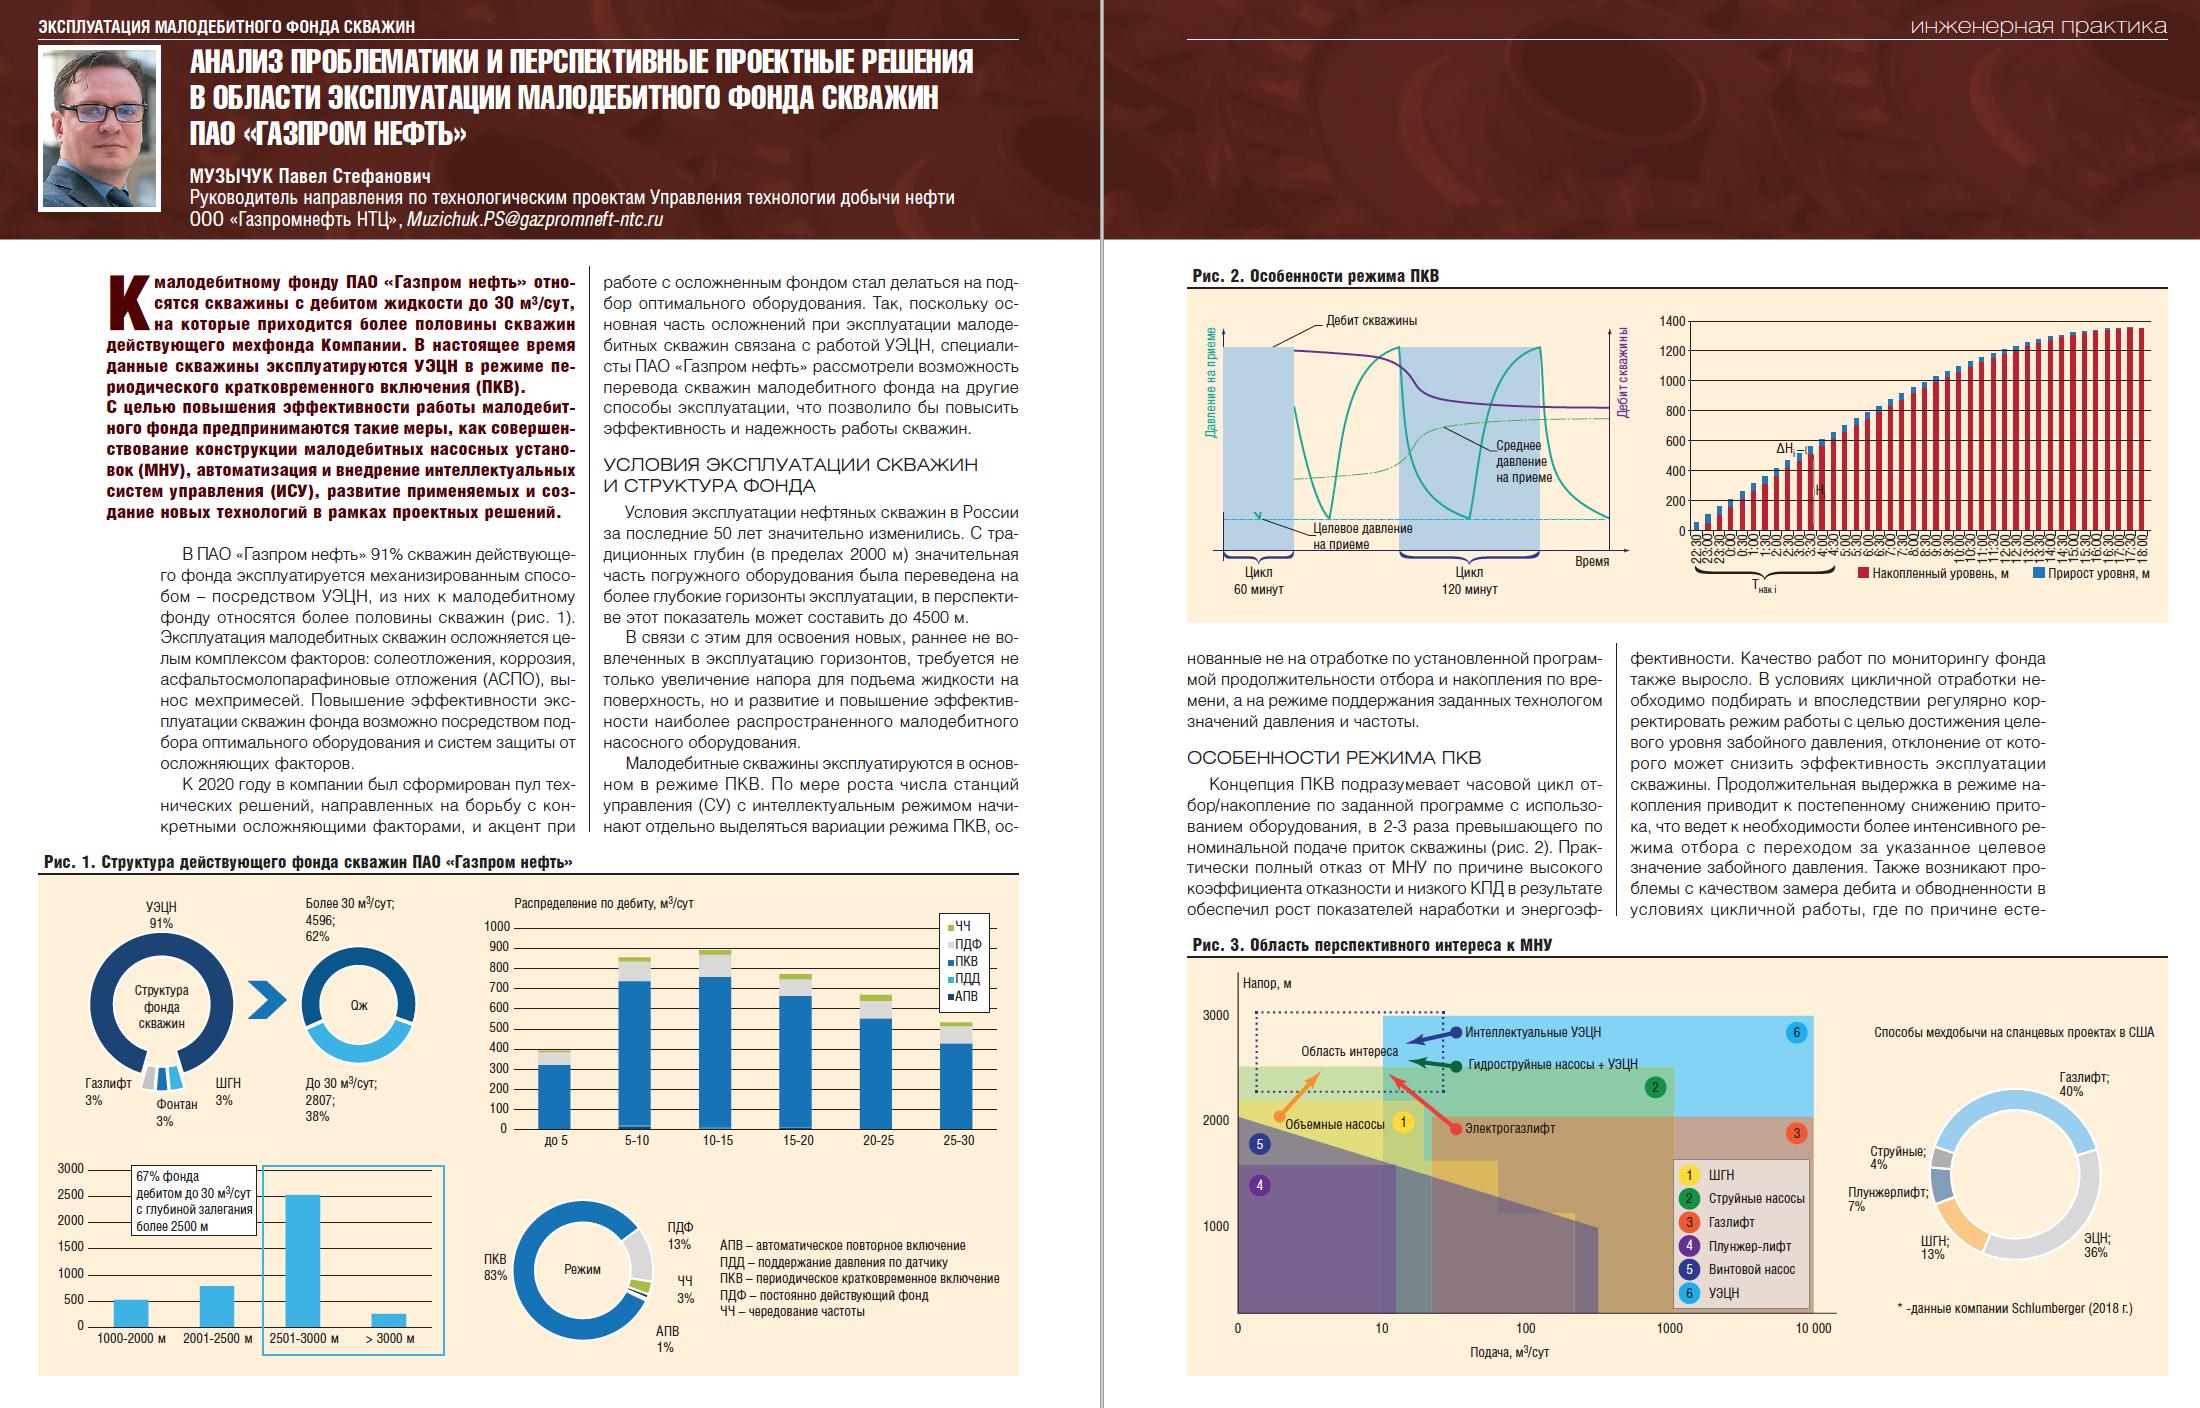 35686 Перспективные проектные решения в области эксплуатации малодебитного фонда скважин ПАО «Газпром нефть»